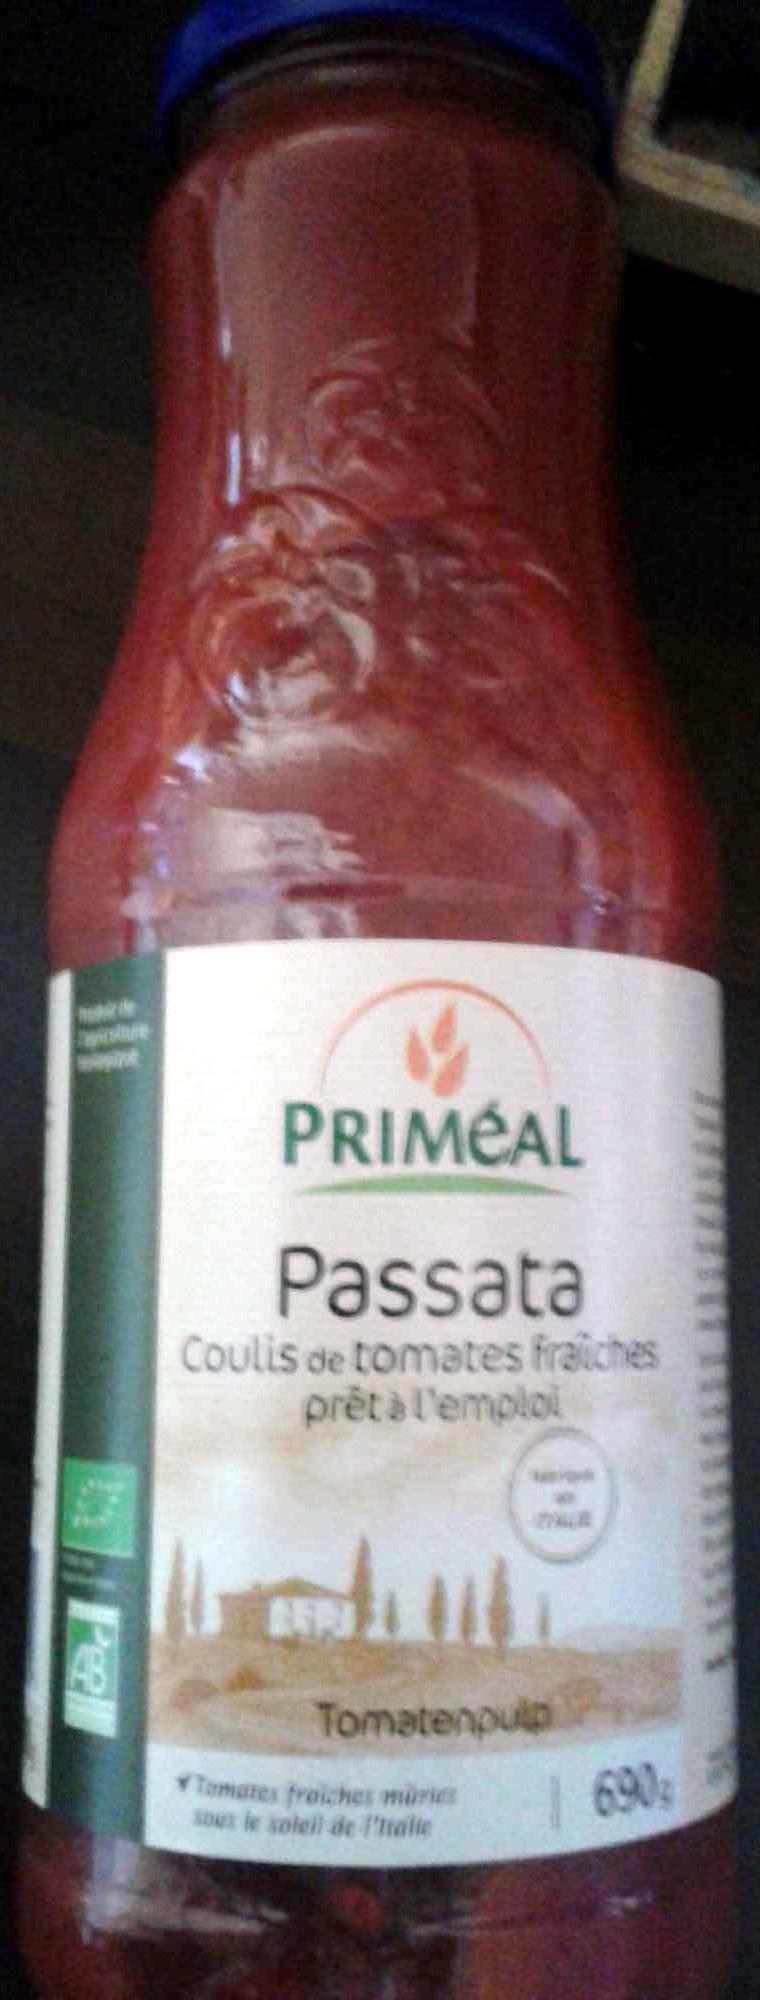 Passata, Coulis de tomates fraîches - Produit - fr